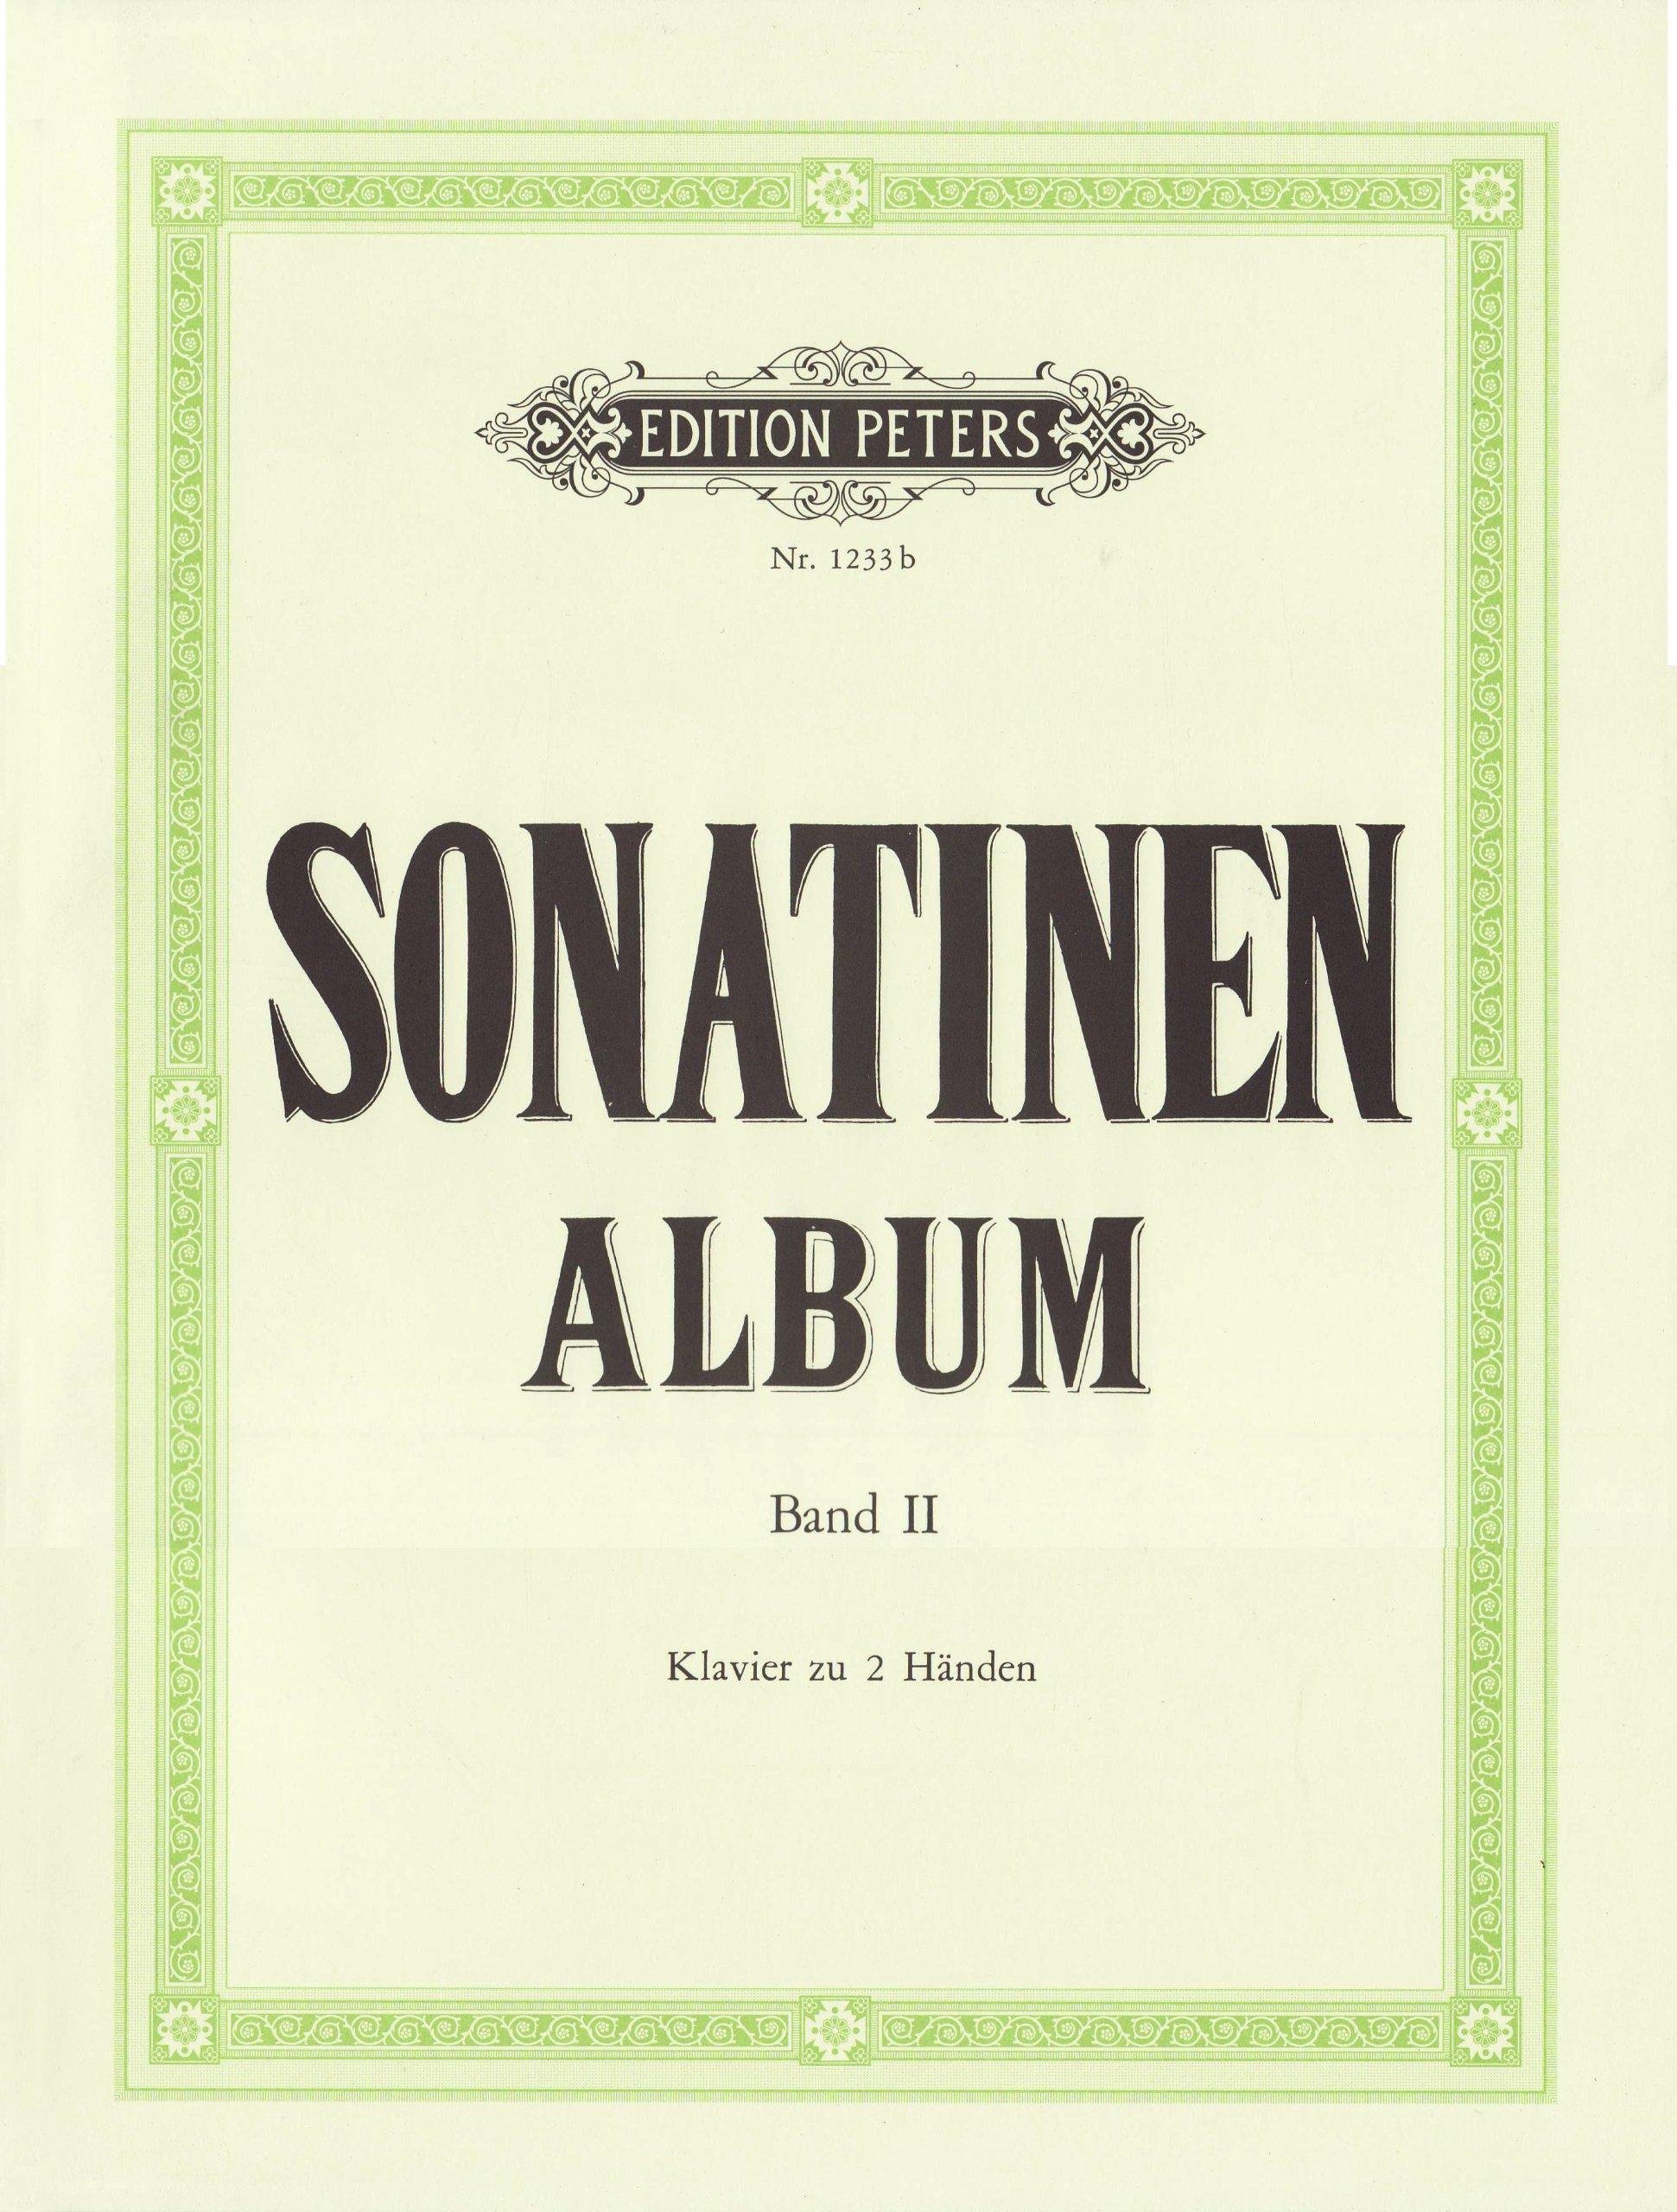 Sonatinen-Album, Band 2: Sonatinen und andere Stücke für Klavier Taschenbuch – 1. Januar 2000 Louis Köhler Adolf Ruthardt Peters C. F. Musikverlag